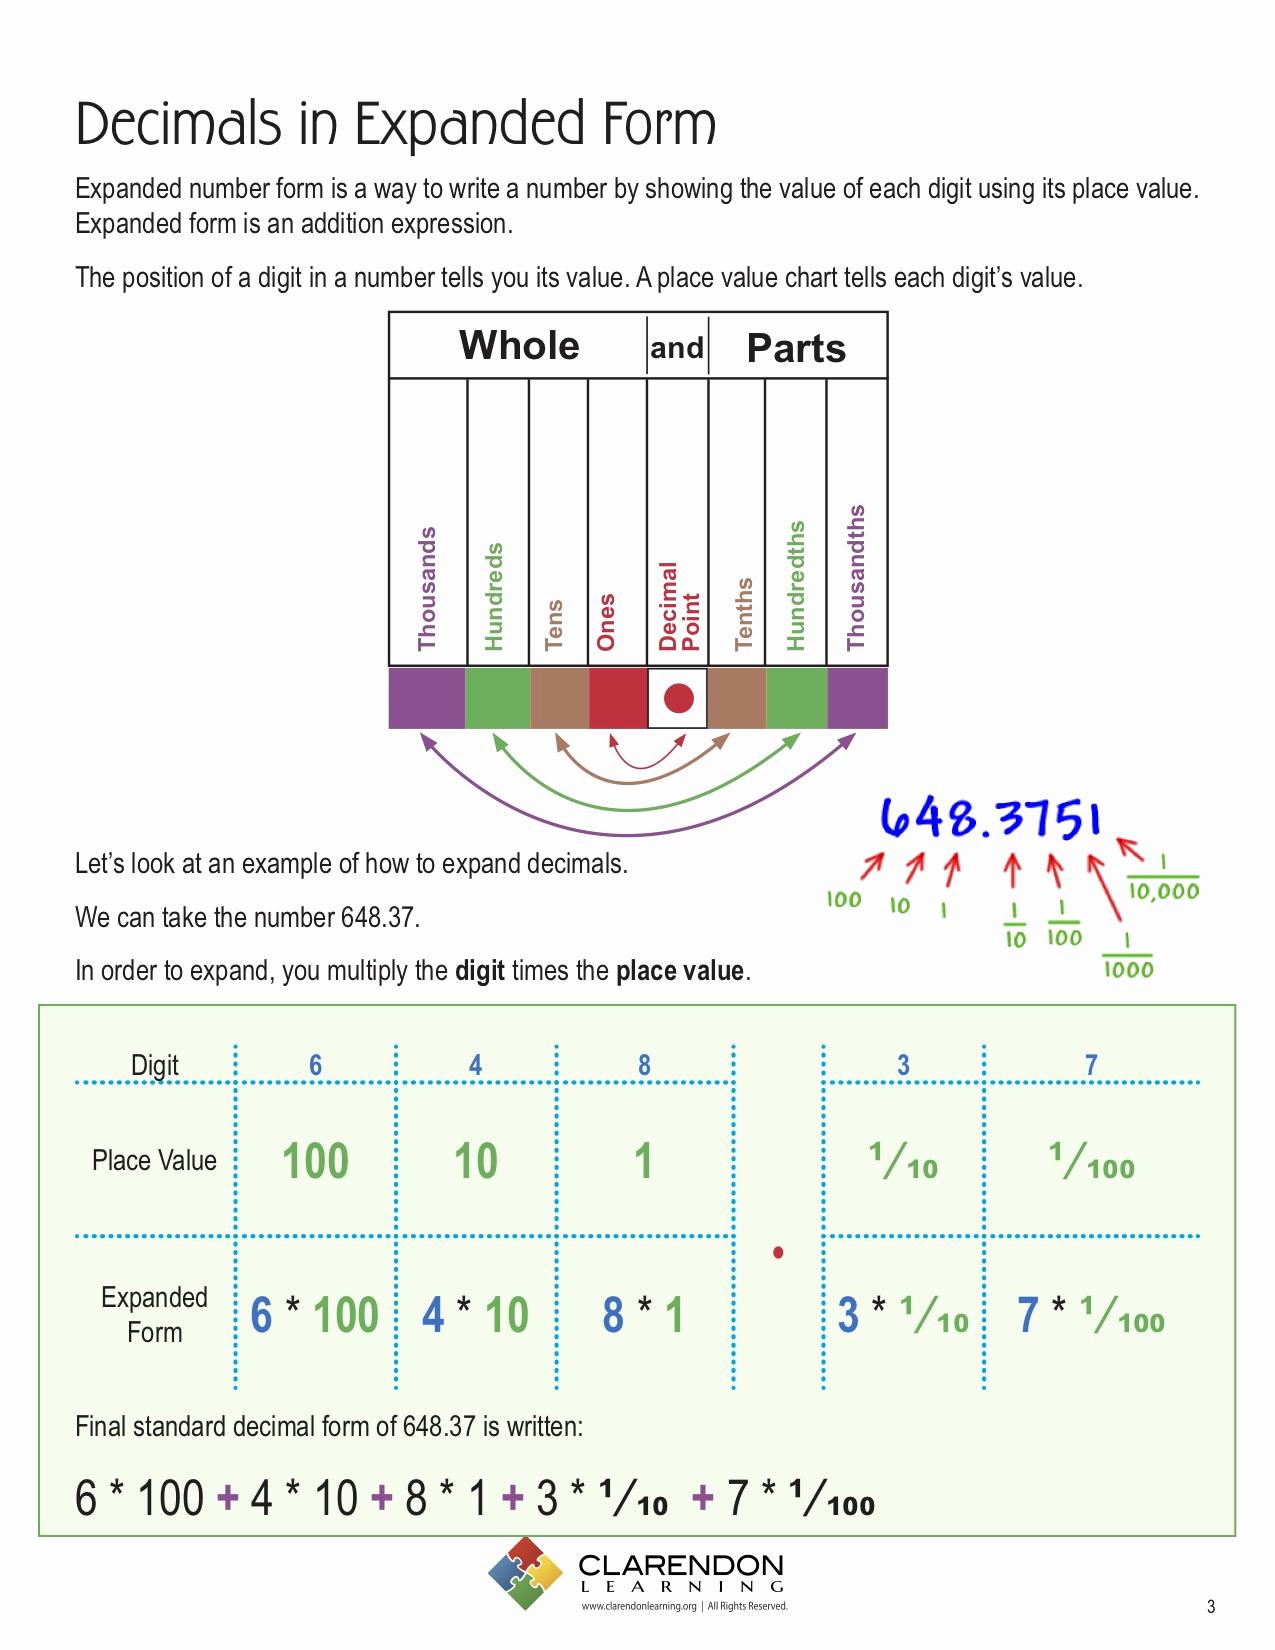 Decimal Expanded form Worksheet Elegant Decimals Expanded form Lesson Plan